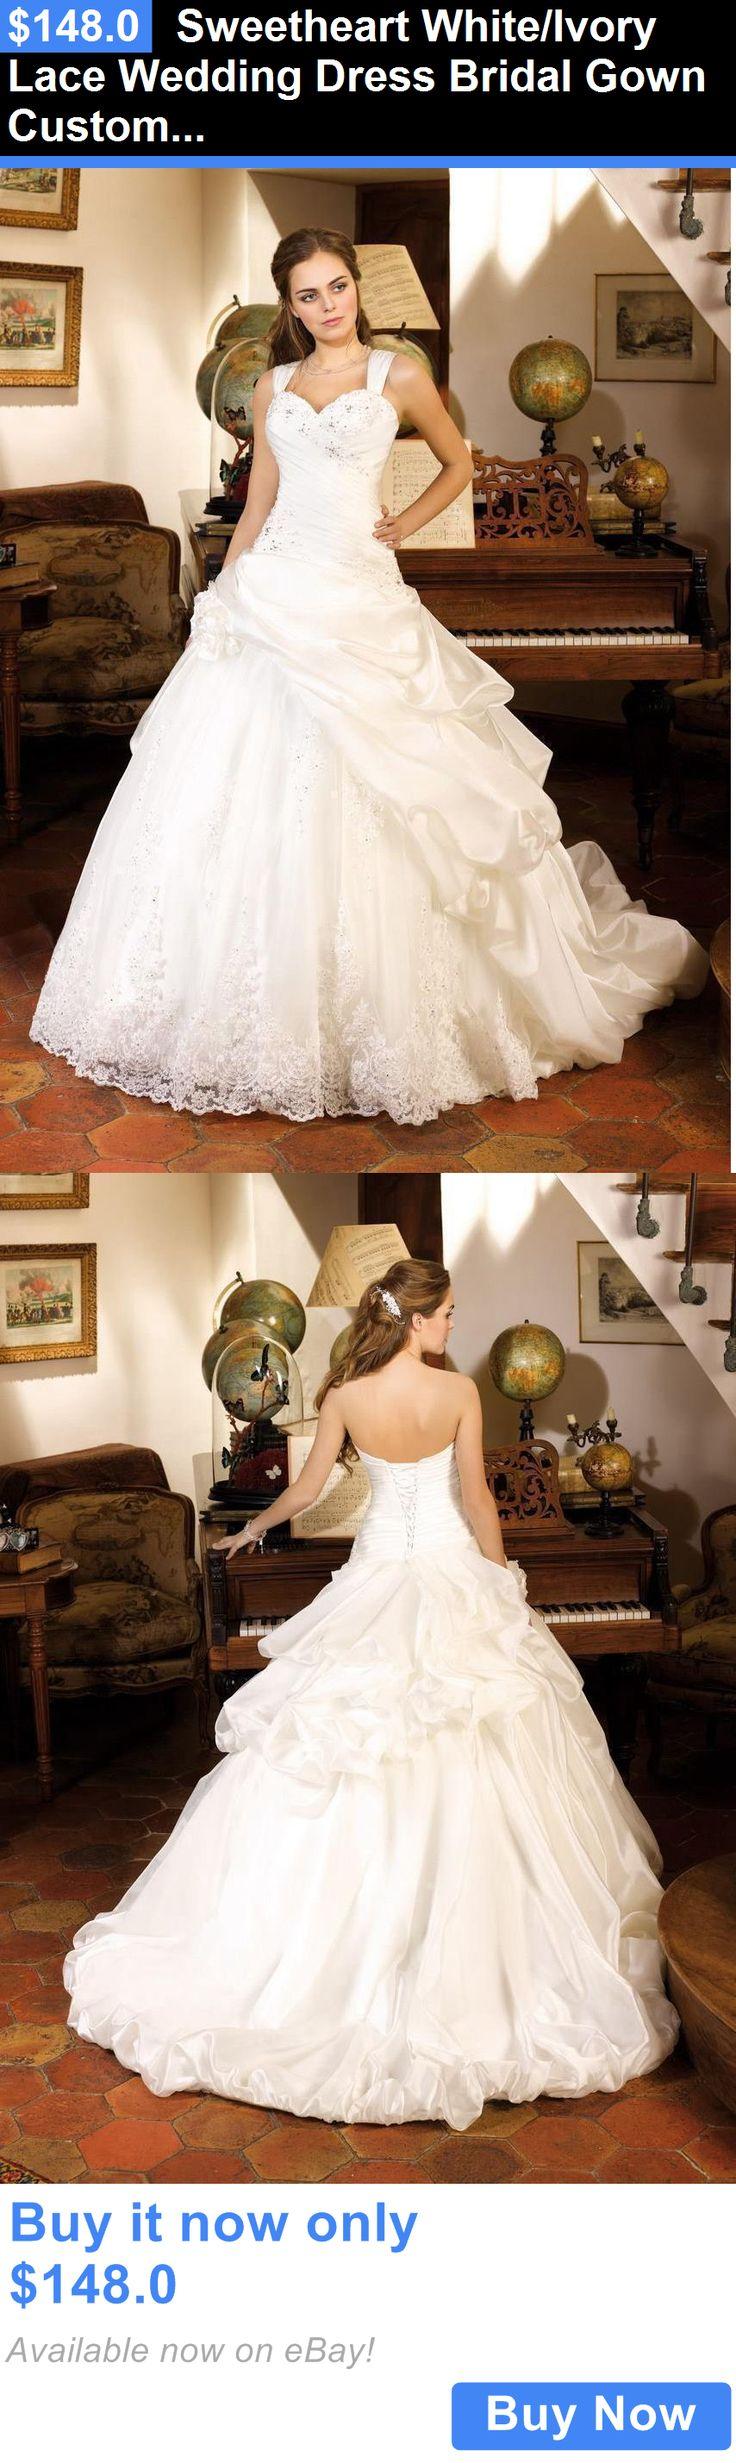 302 besten Hochzeit Bilder auf Pinterest | Hochzeitskleider ...